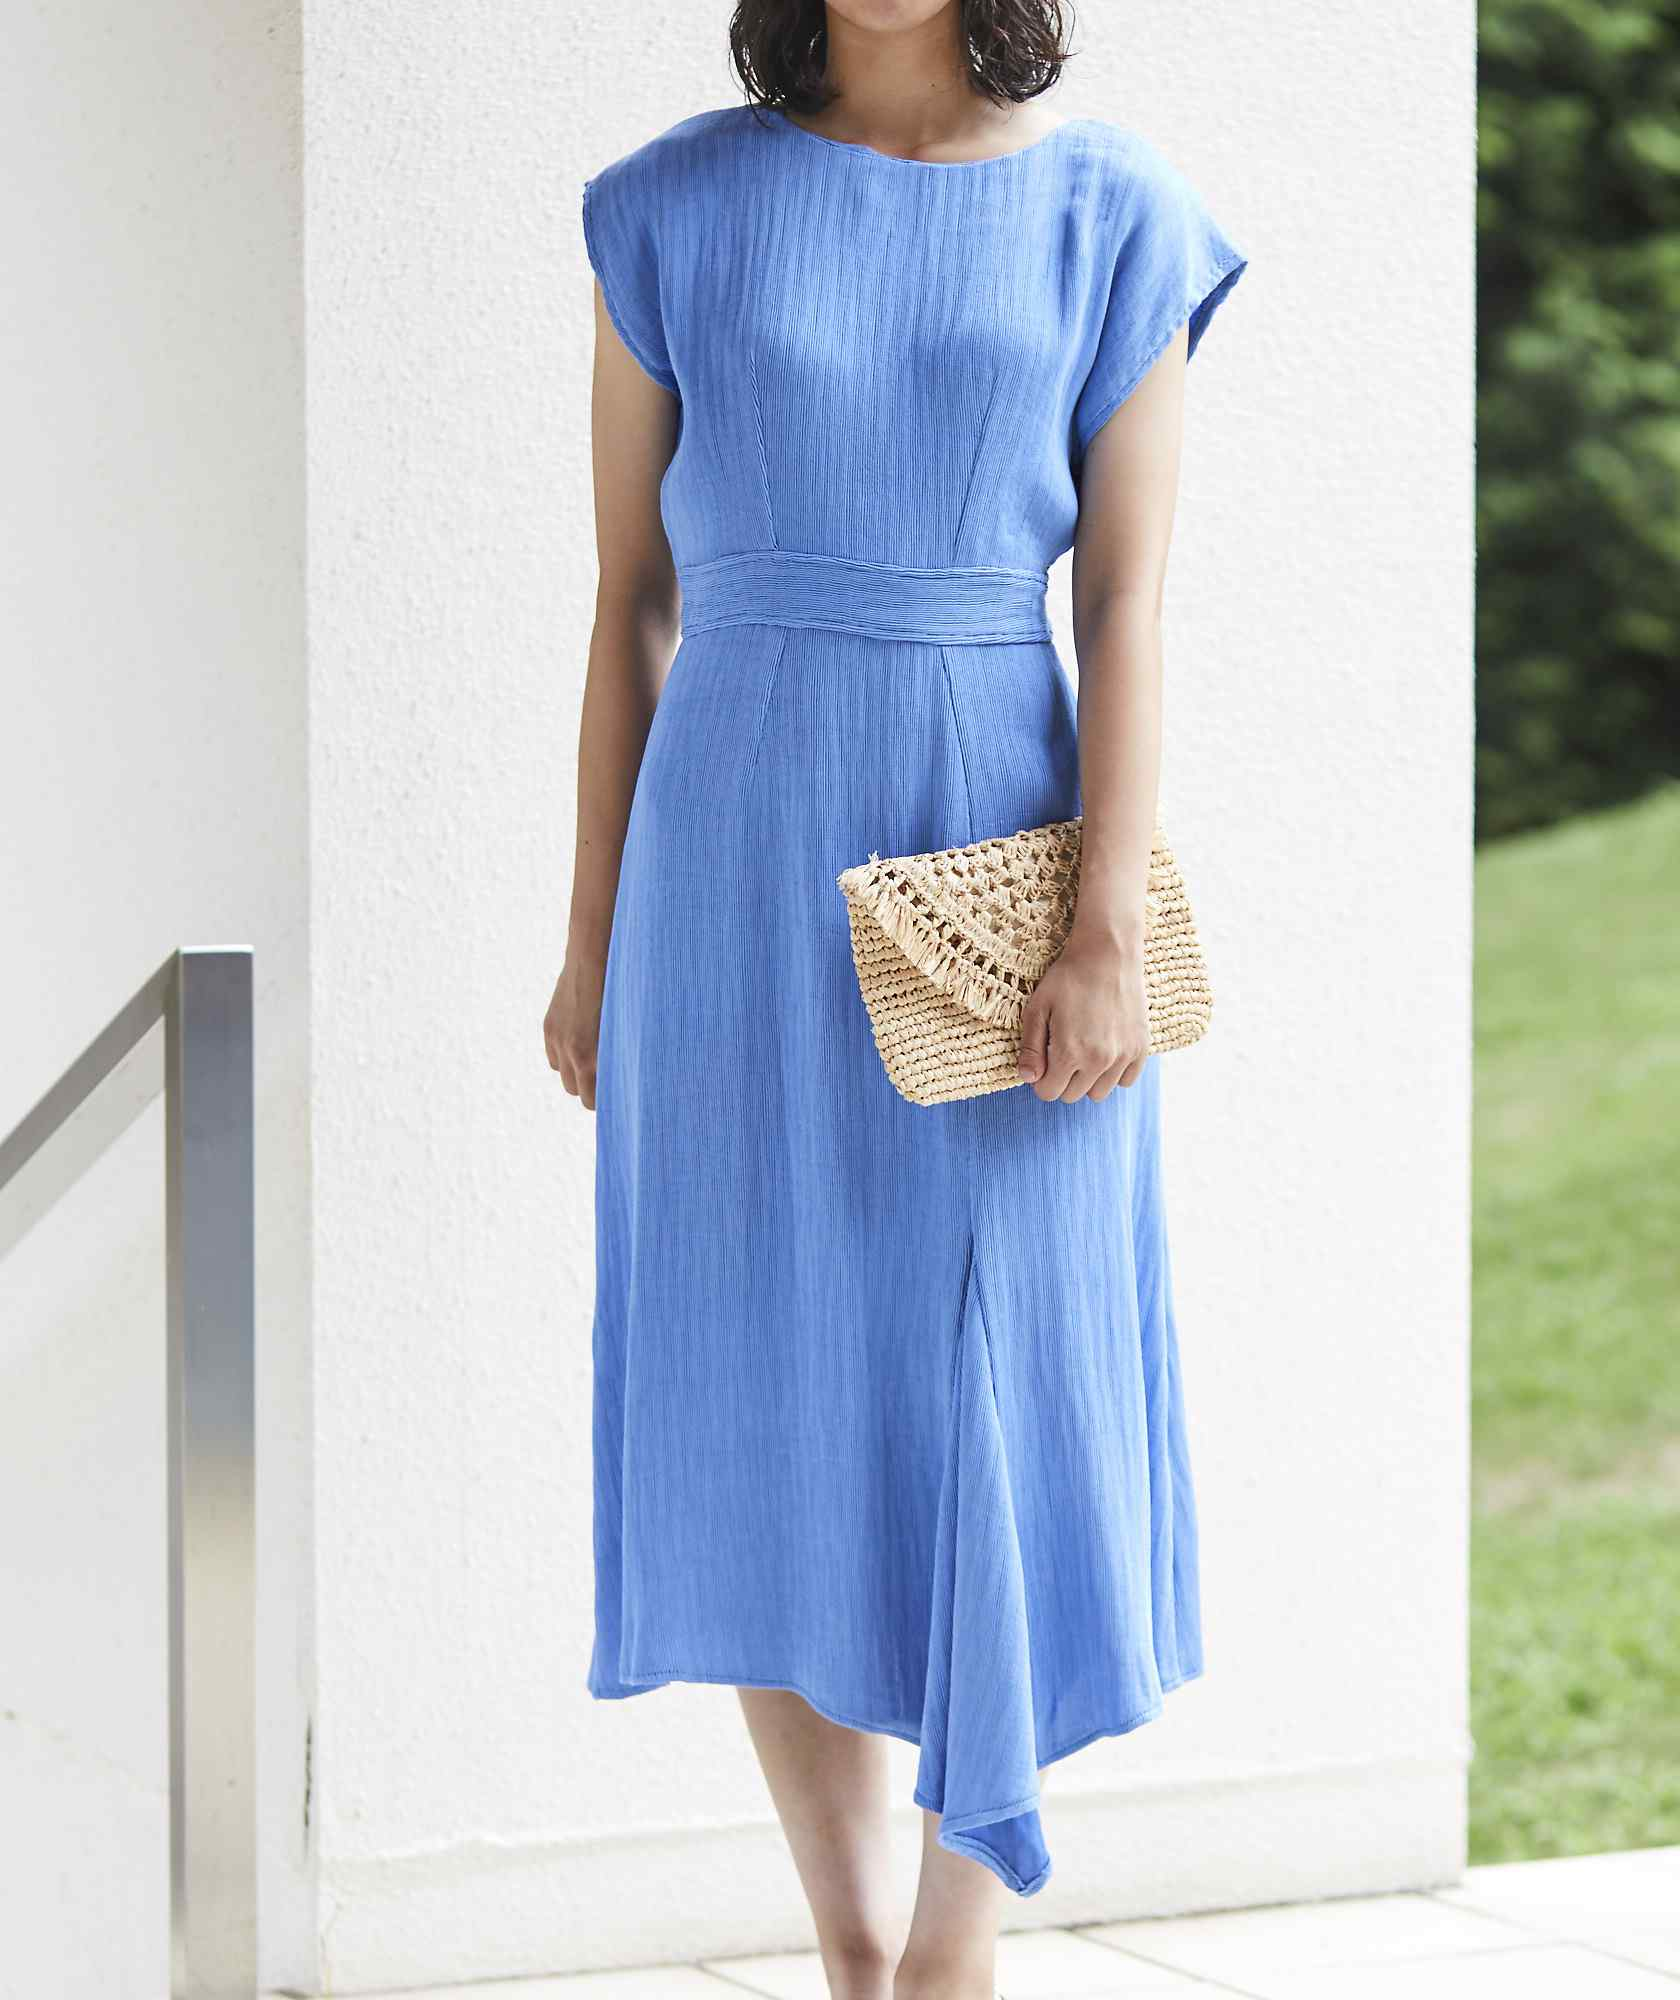 ショートスリーブアシンメトリーカラーミディアムドレス-ブルー-M